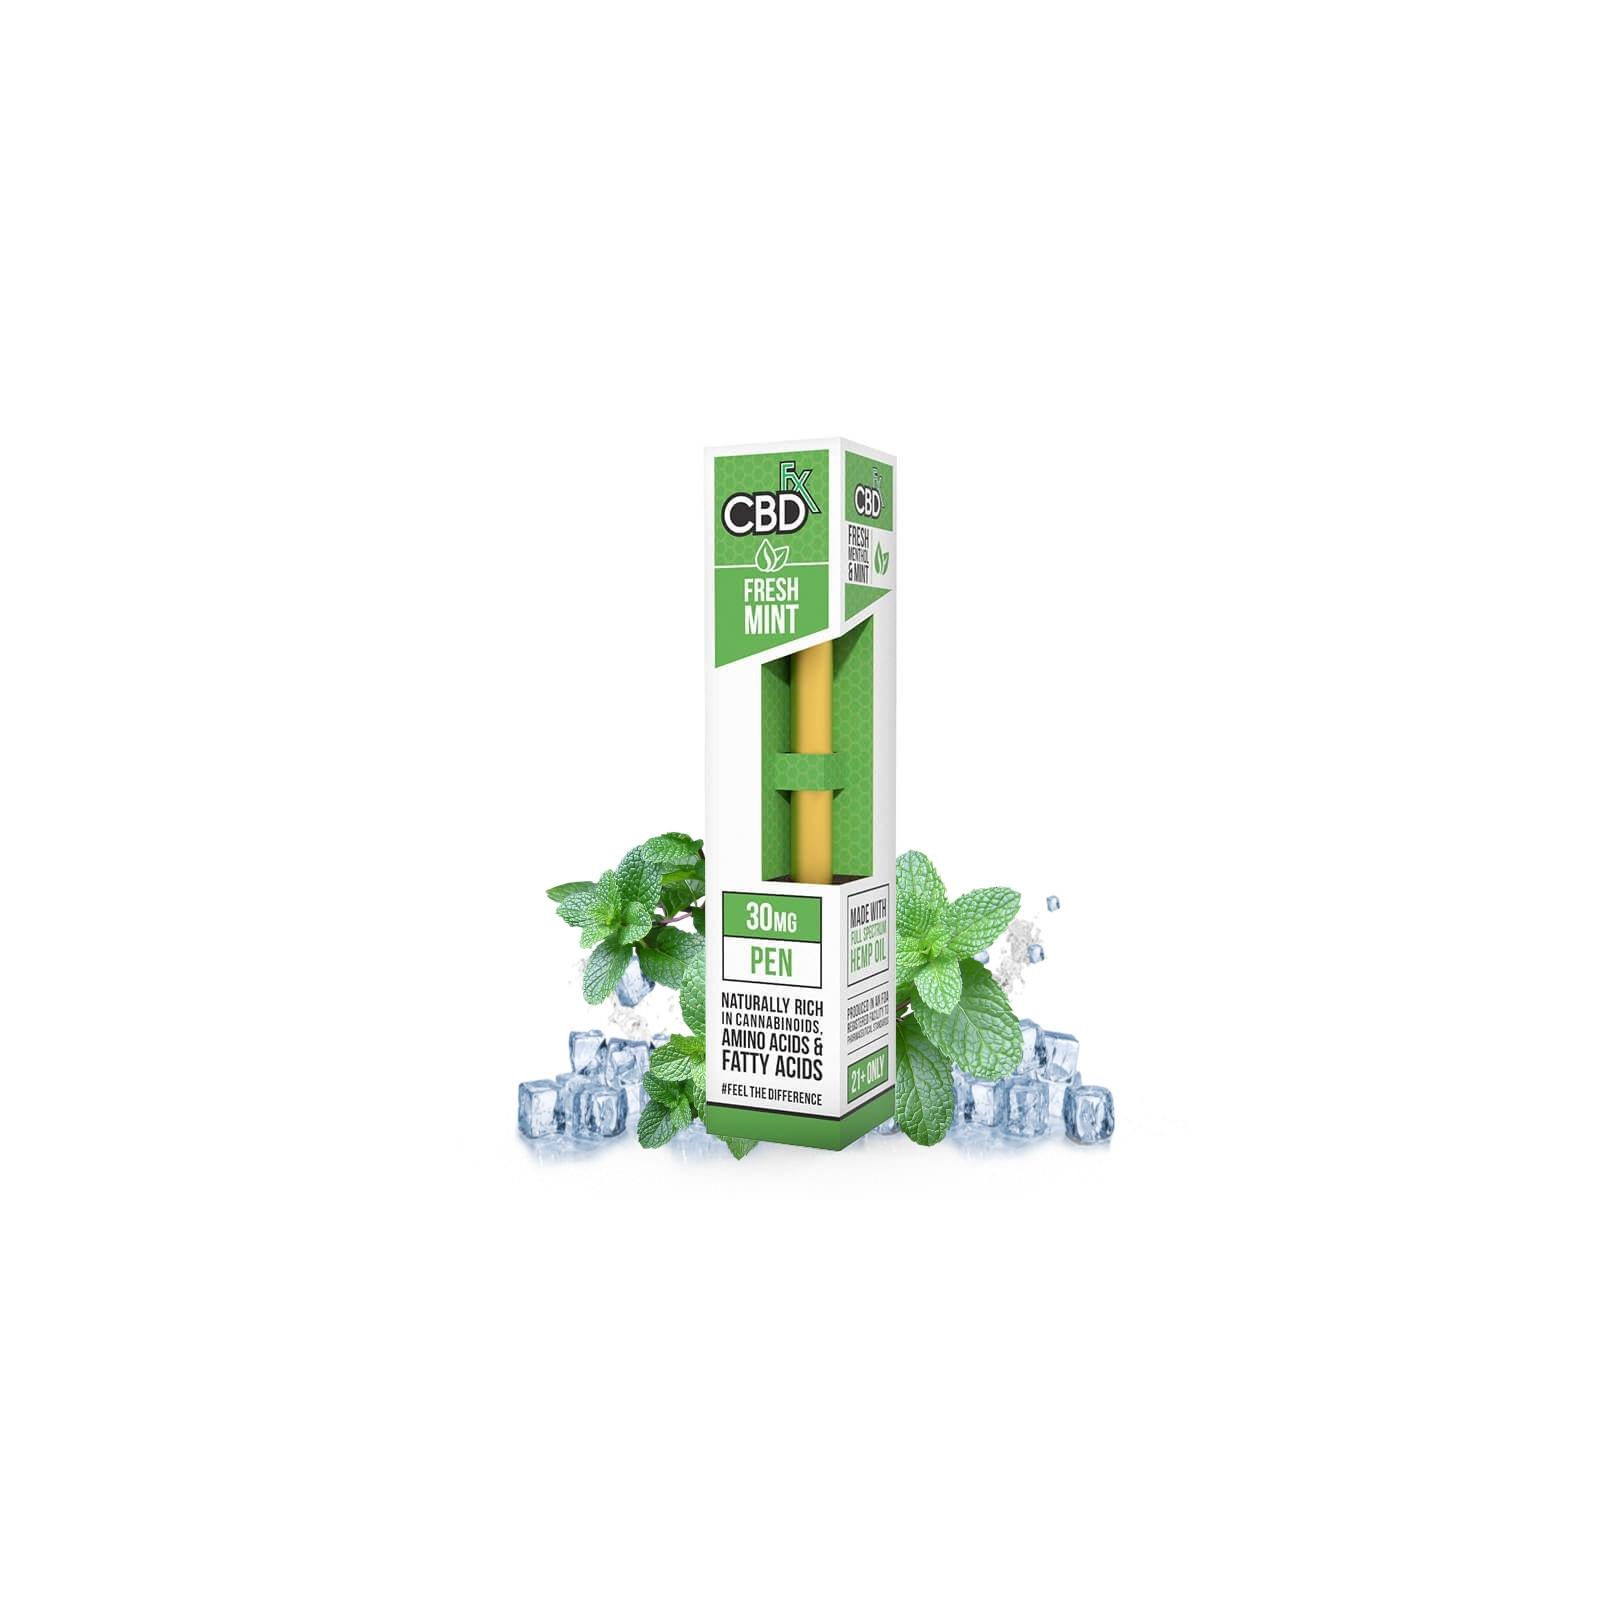 CBD Vape Pen Fresh Menthol & Mint - CBDfx